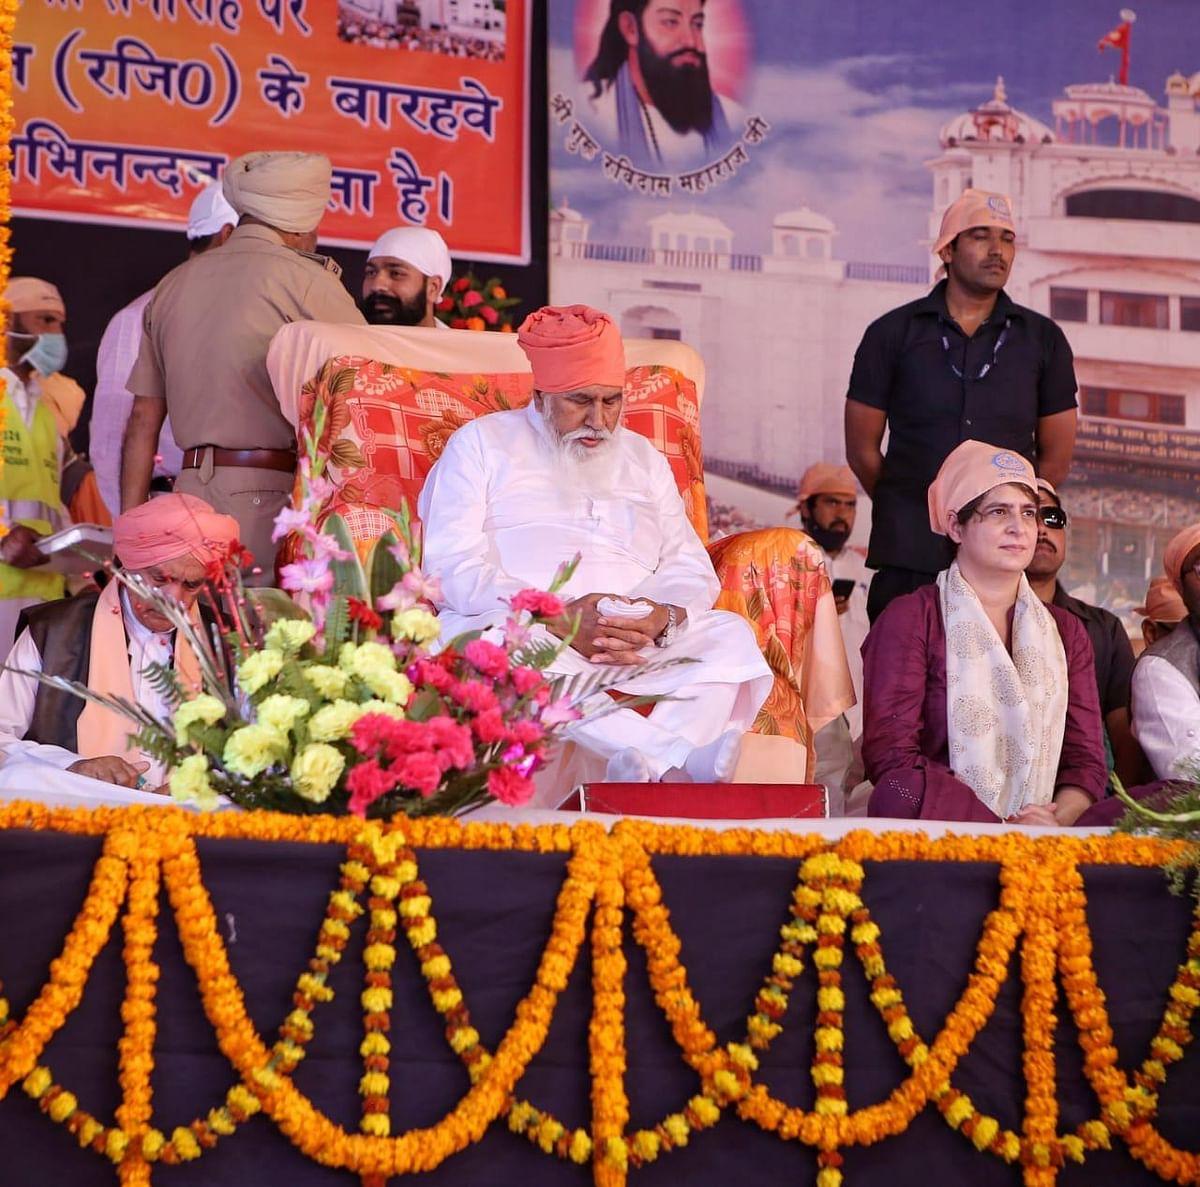 प्रियंका गांधी ने संत रविदास की प्रतिमा के सामने टेका मत्था, संतों से लिया आर्शिवाद